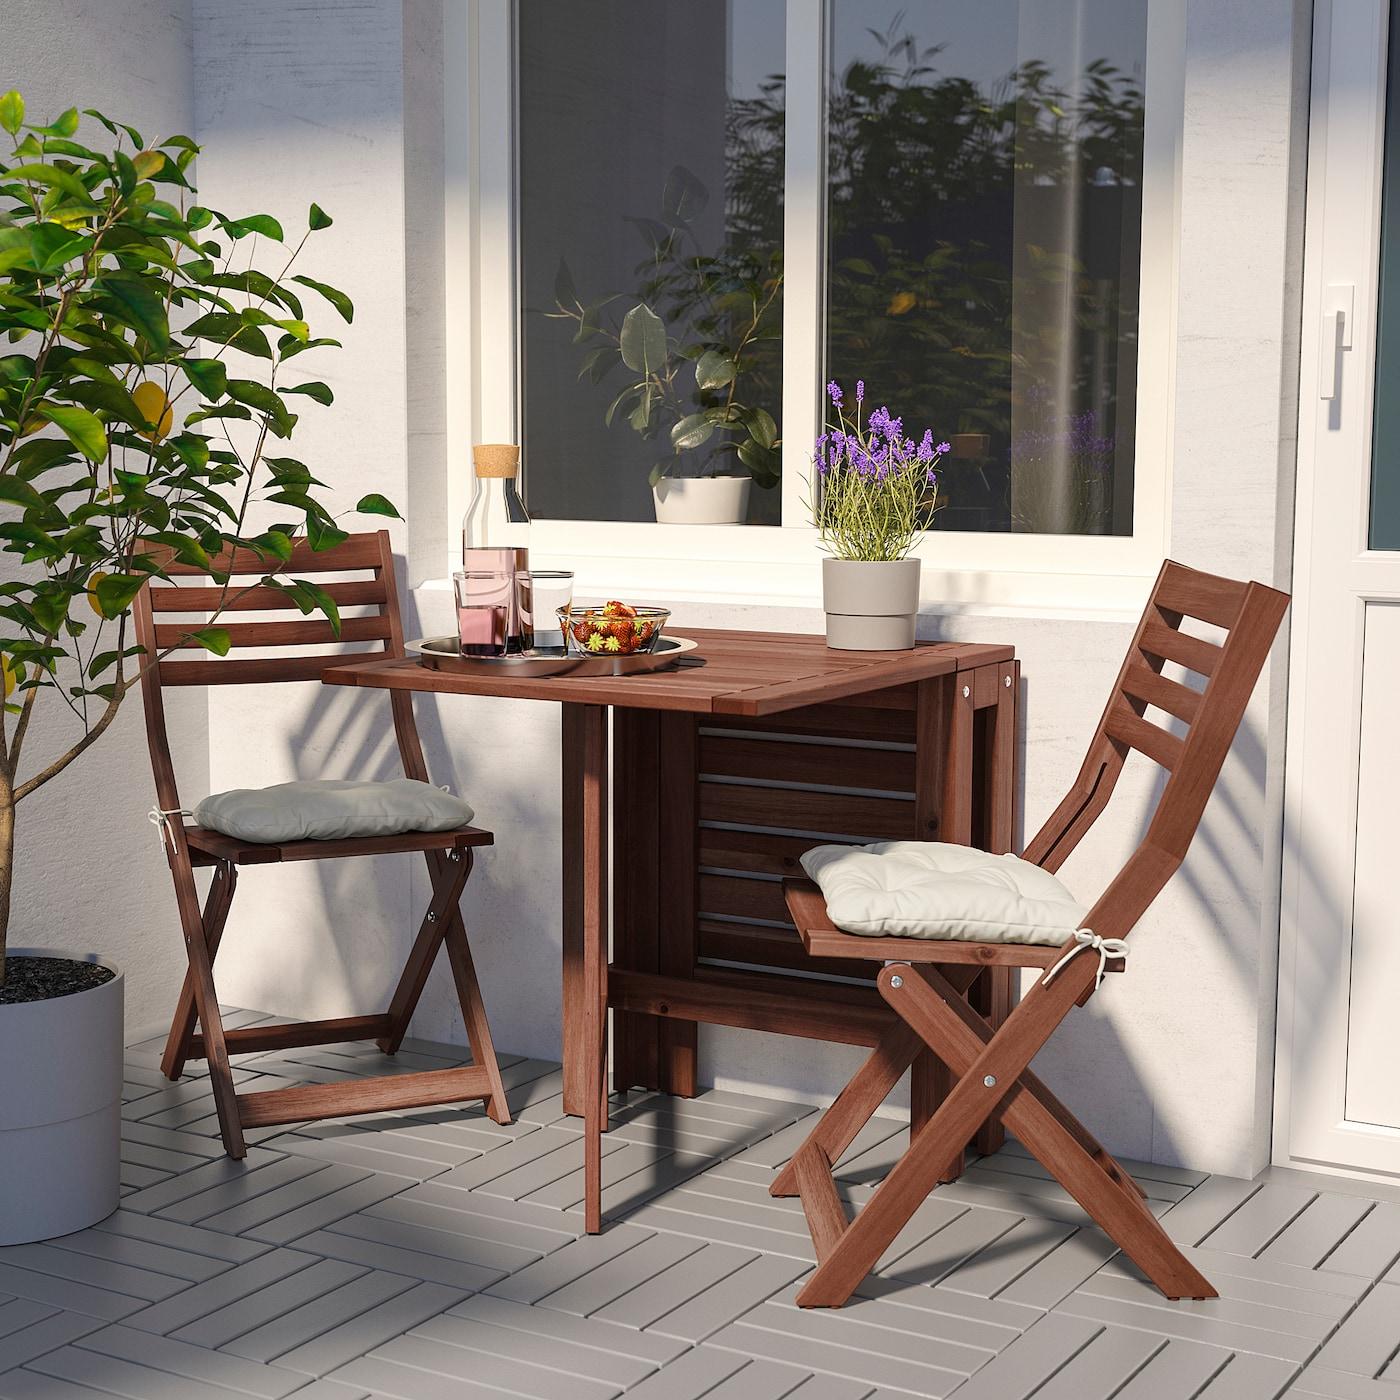 ÄPPLARÖ klapbord, ude brun bejdse 77 cm 20 cm 133 cm 62 cm 71 cm